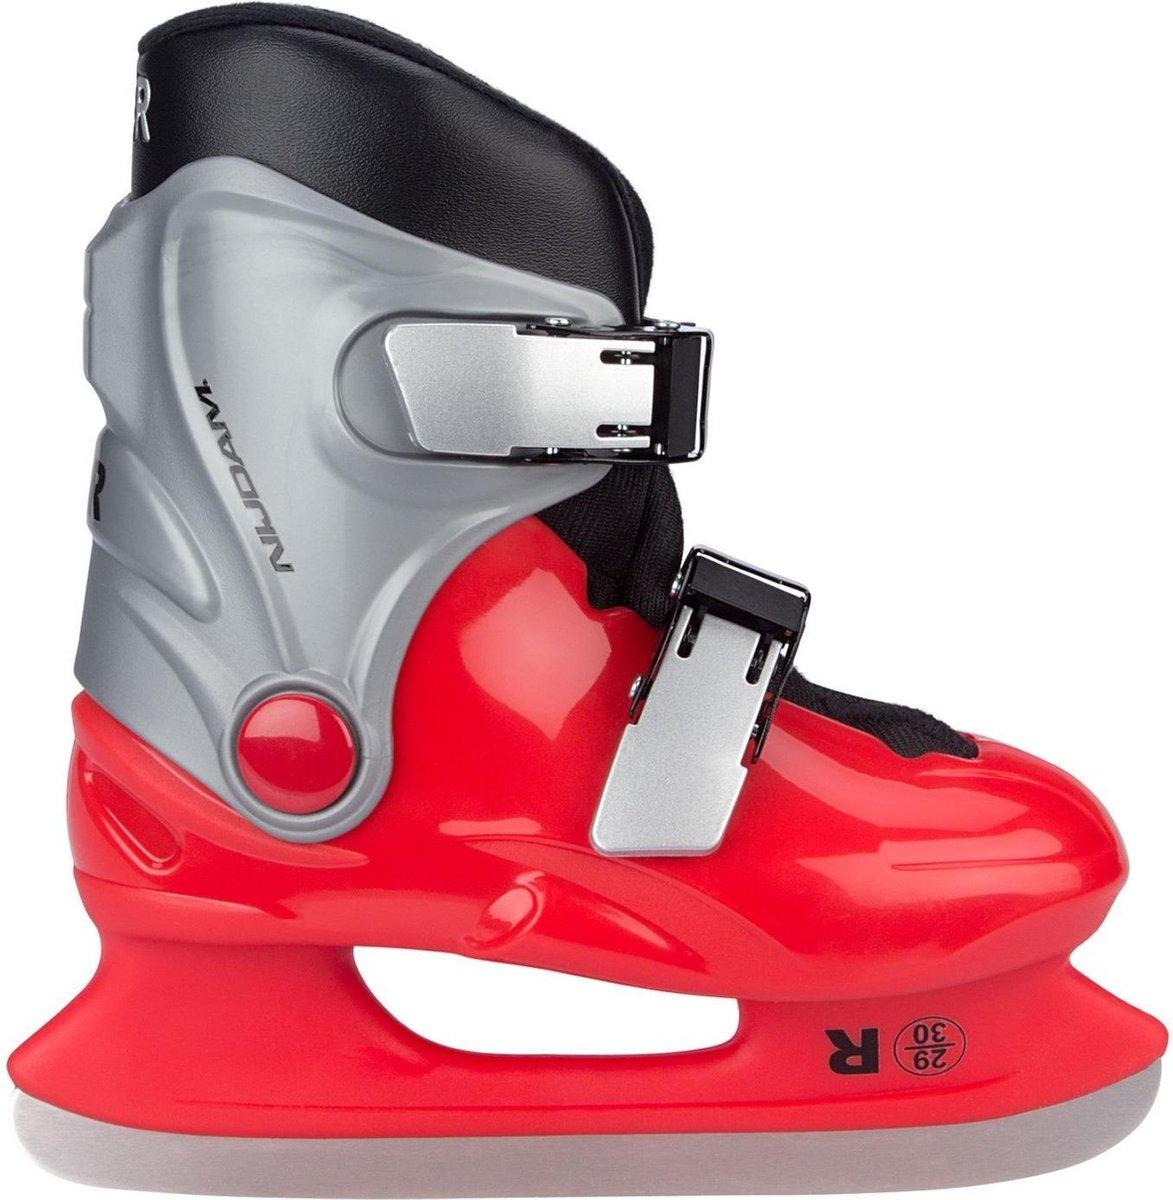 Nijdam Ijshockeyschaatsen Junior Maat 29-30 Rood/grijs